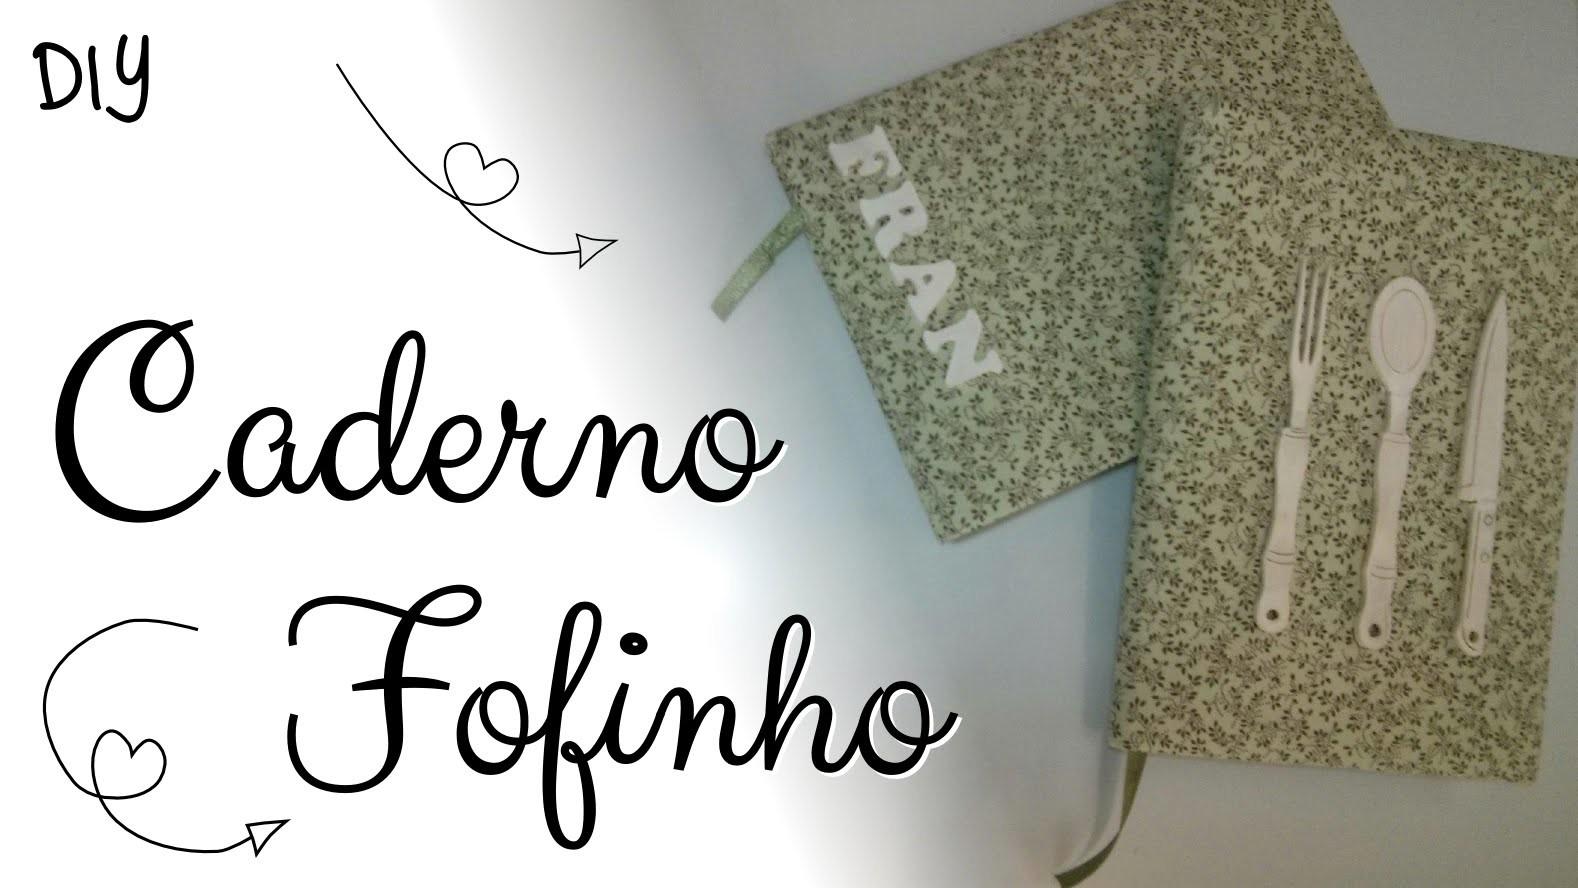 Caderno de tecido fofinho - DIY - Faça você mesmo